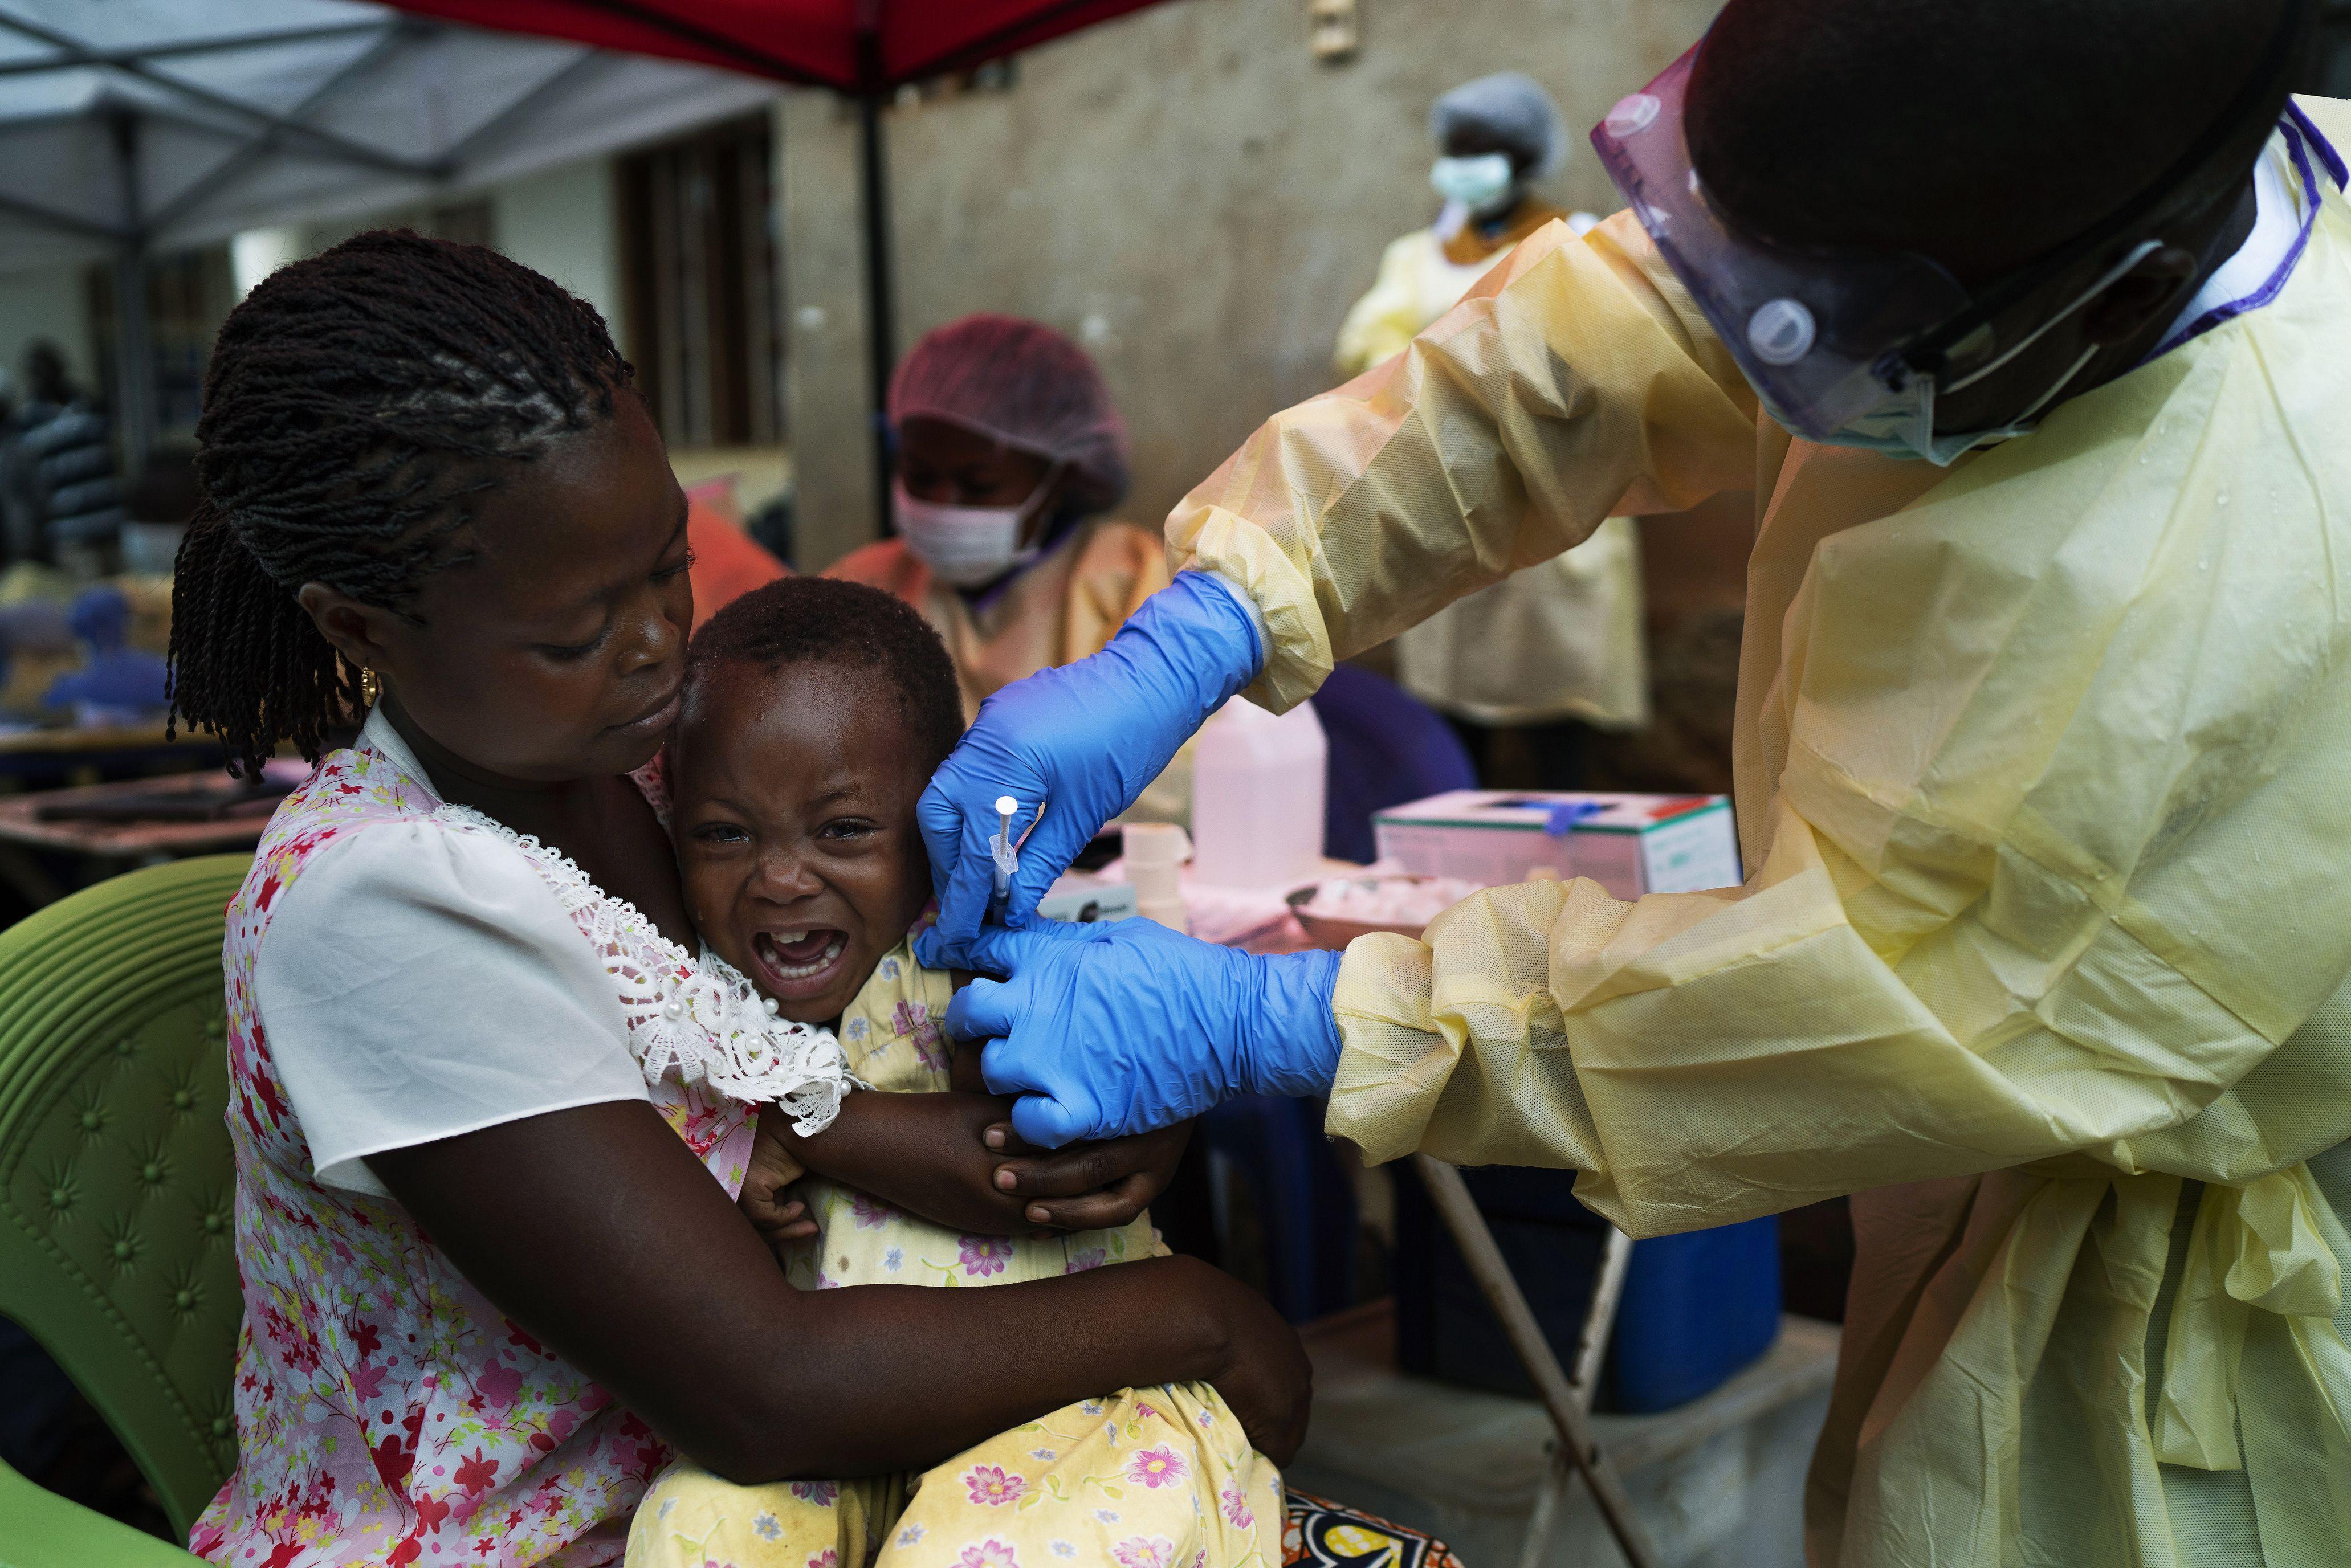 oms comienza a vacunar a personas contra ebola en congo